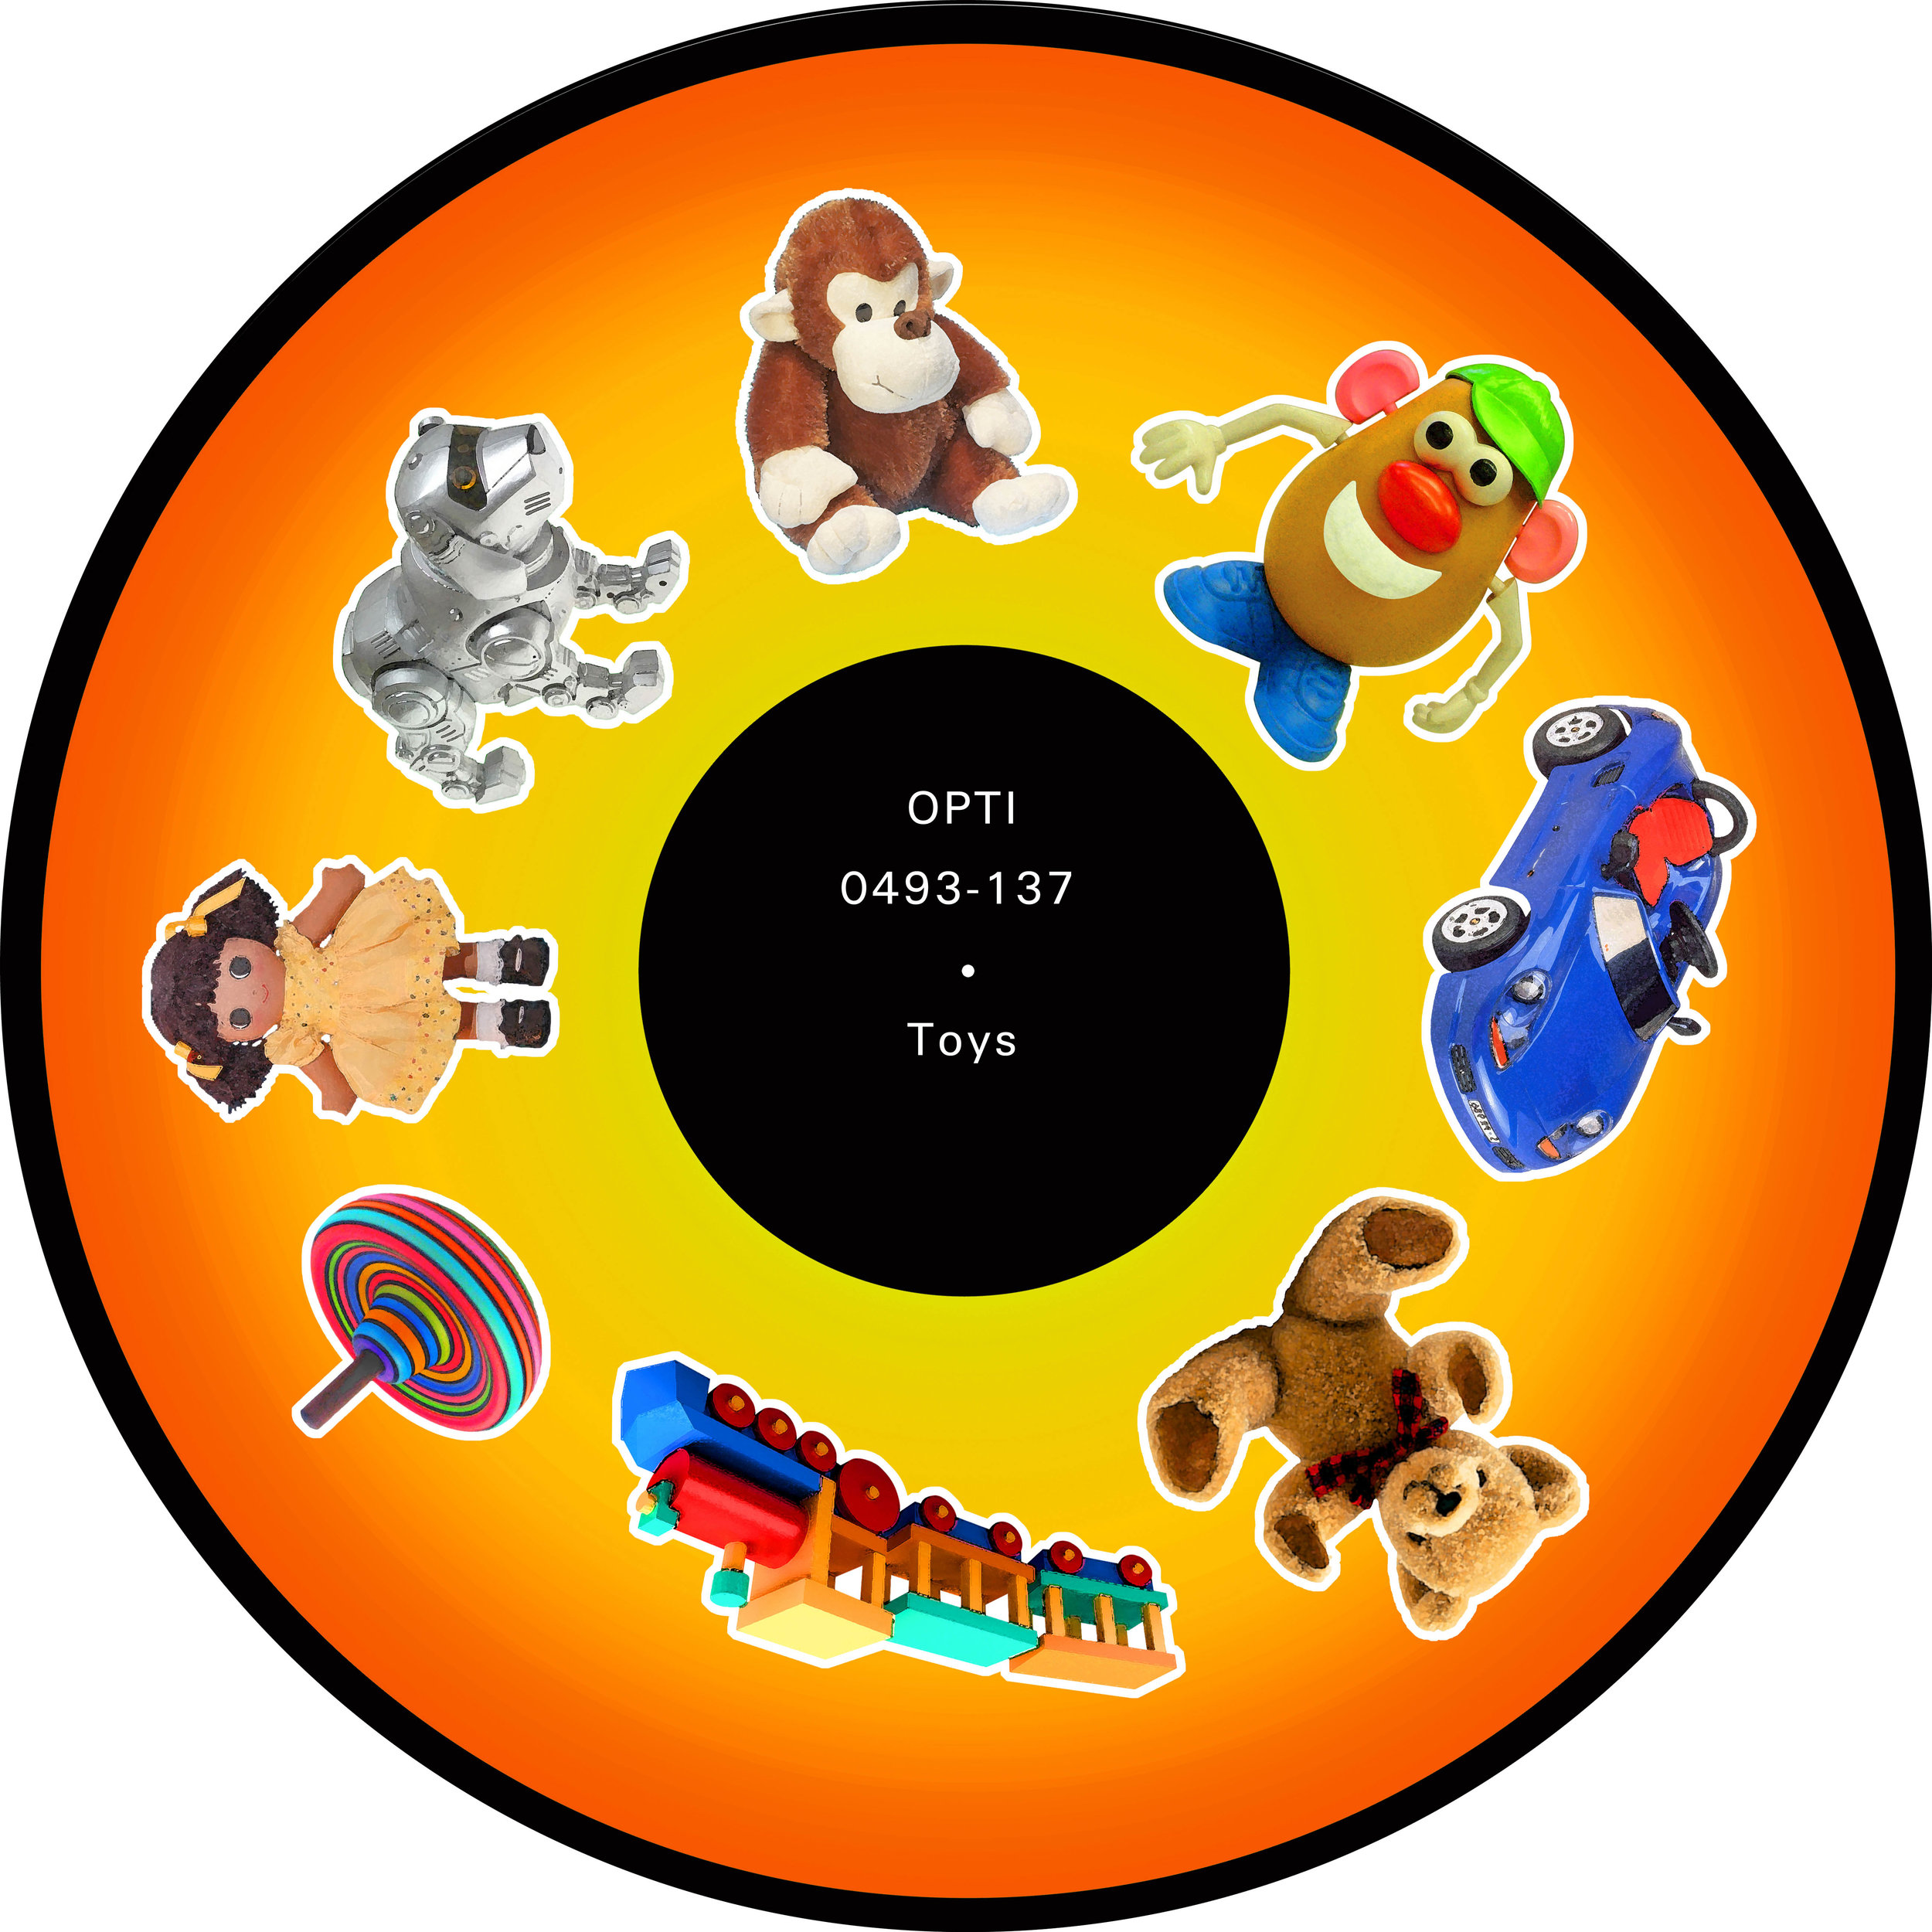 optikinetics-toys-fg7430.jpg